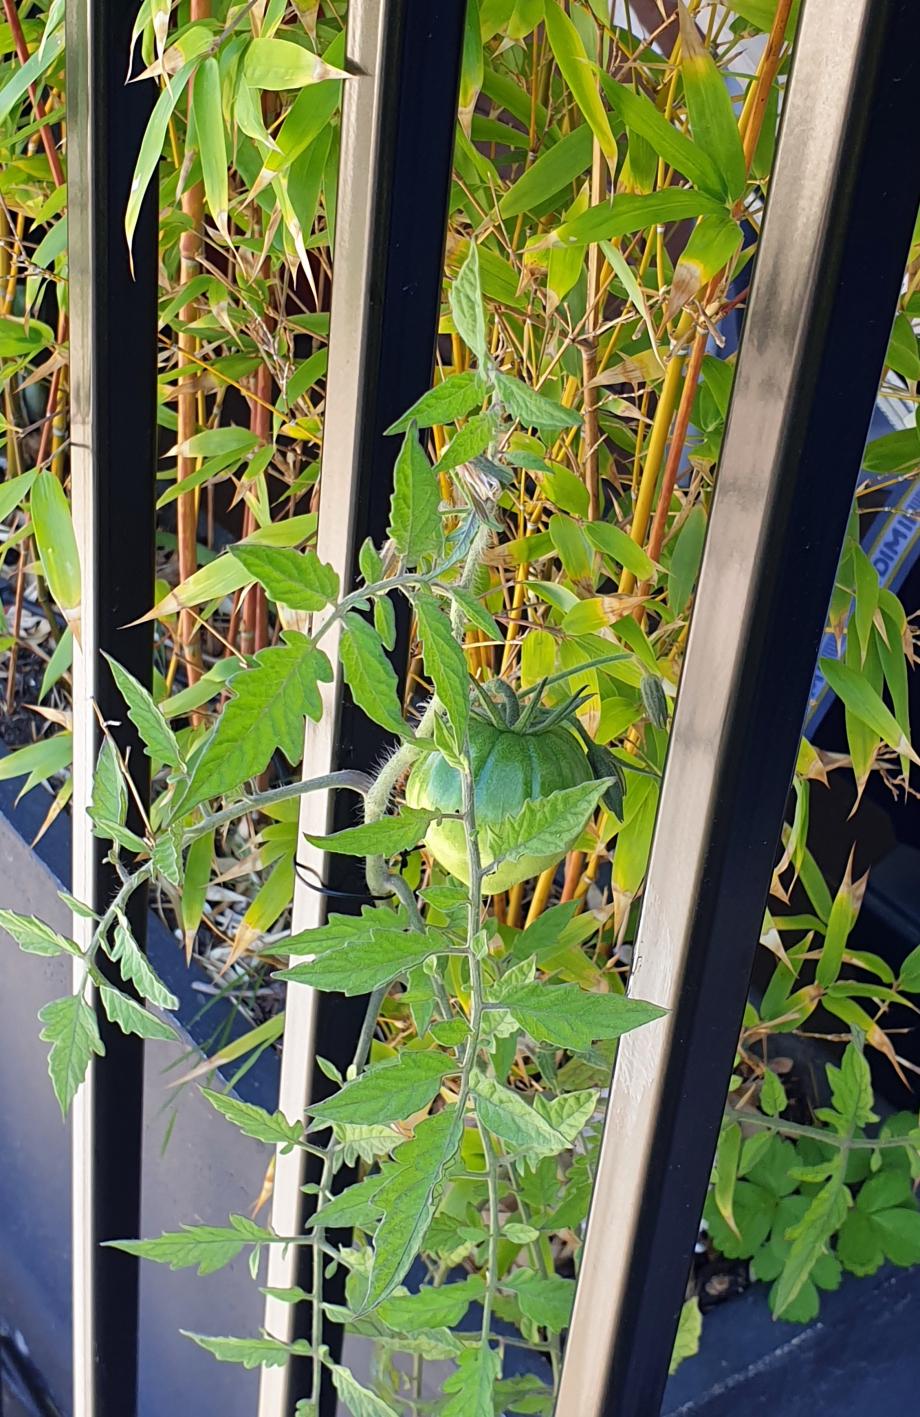 Plant tomate dans bambous 7 juil 20.jpg